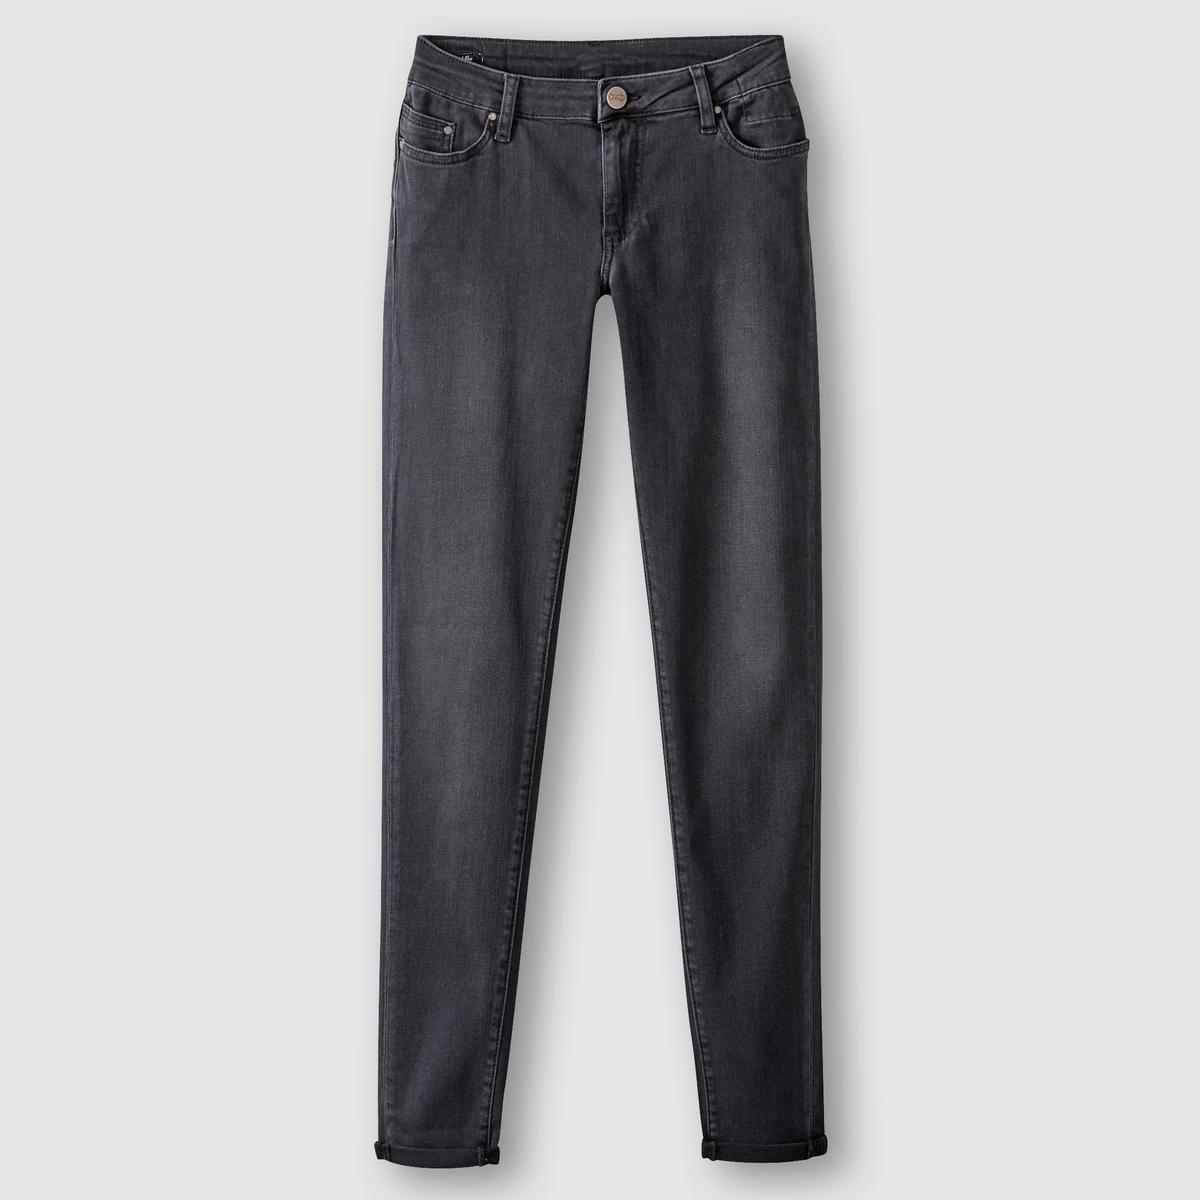 Джинсы skinny со стандартной высотой пояса, PISEДжинсы skinny PISE от SCHOOL RAG. Очень модные джинсы, зауженный покрой. Покрой с 5 карманами. Пояс со шлевками для ремня. Стандартная высота пояса.Состав и описаниеМарка : SCHOOL RAGМодель : PISEМатериалы : 98% хлопка, 2% эластана<br><br>Цвет: антрацит<br>Размер: 32 (US) - 48 (RUS).30 (US) - 46 (RUS)